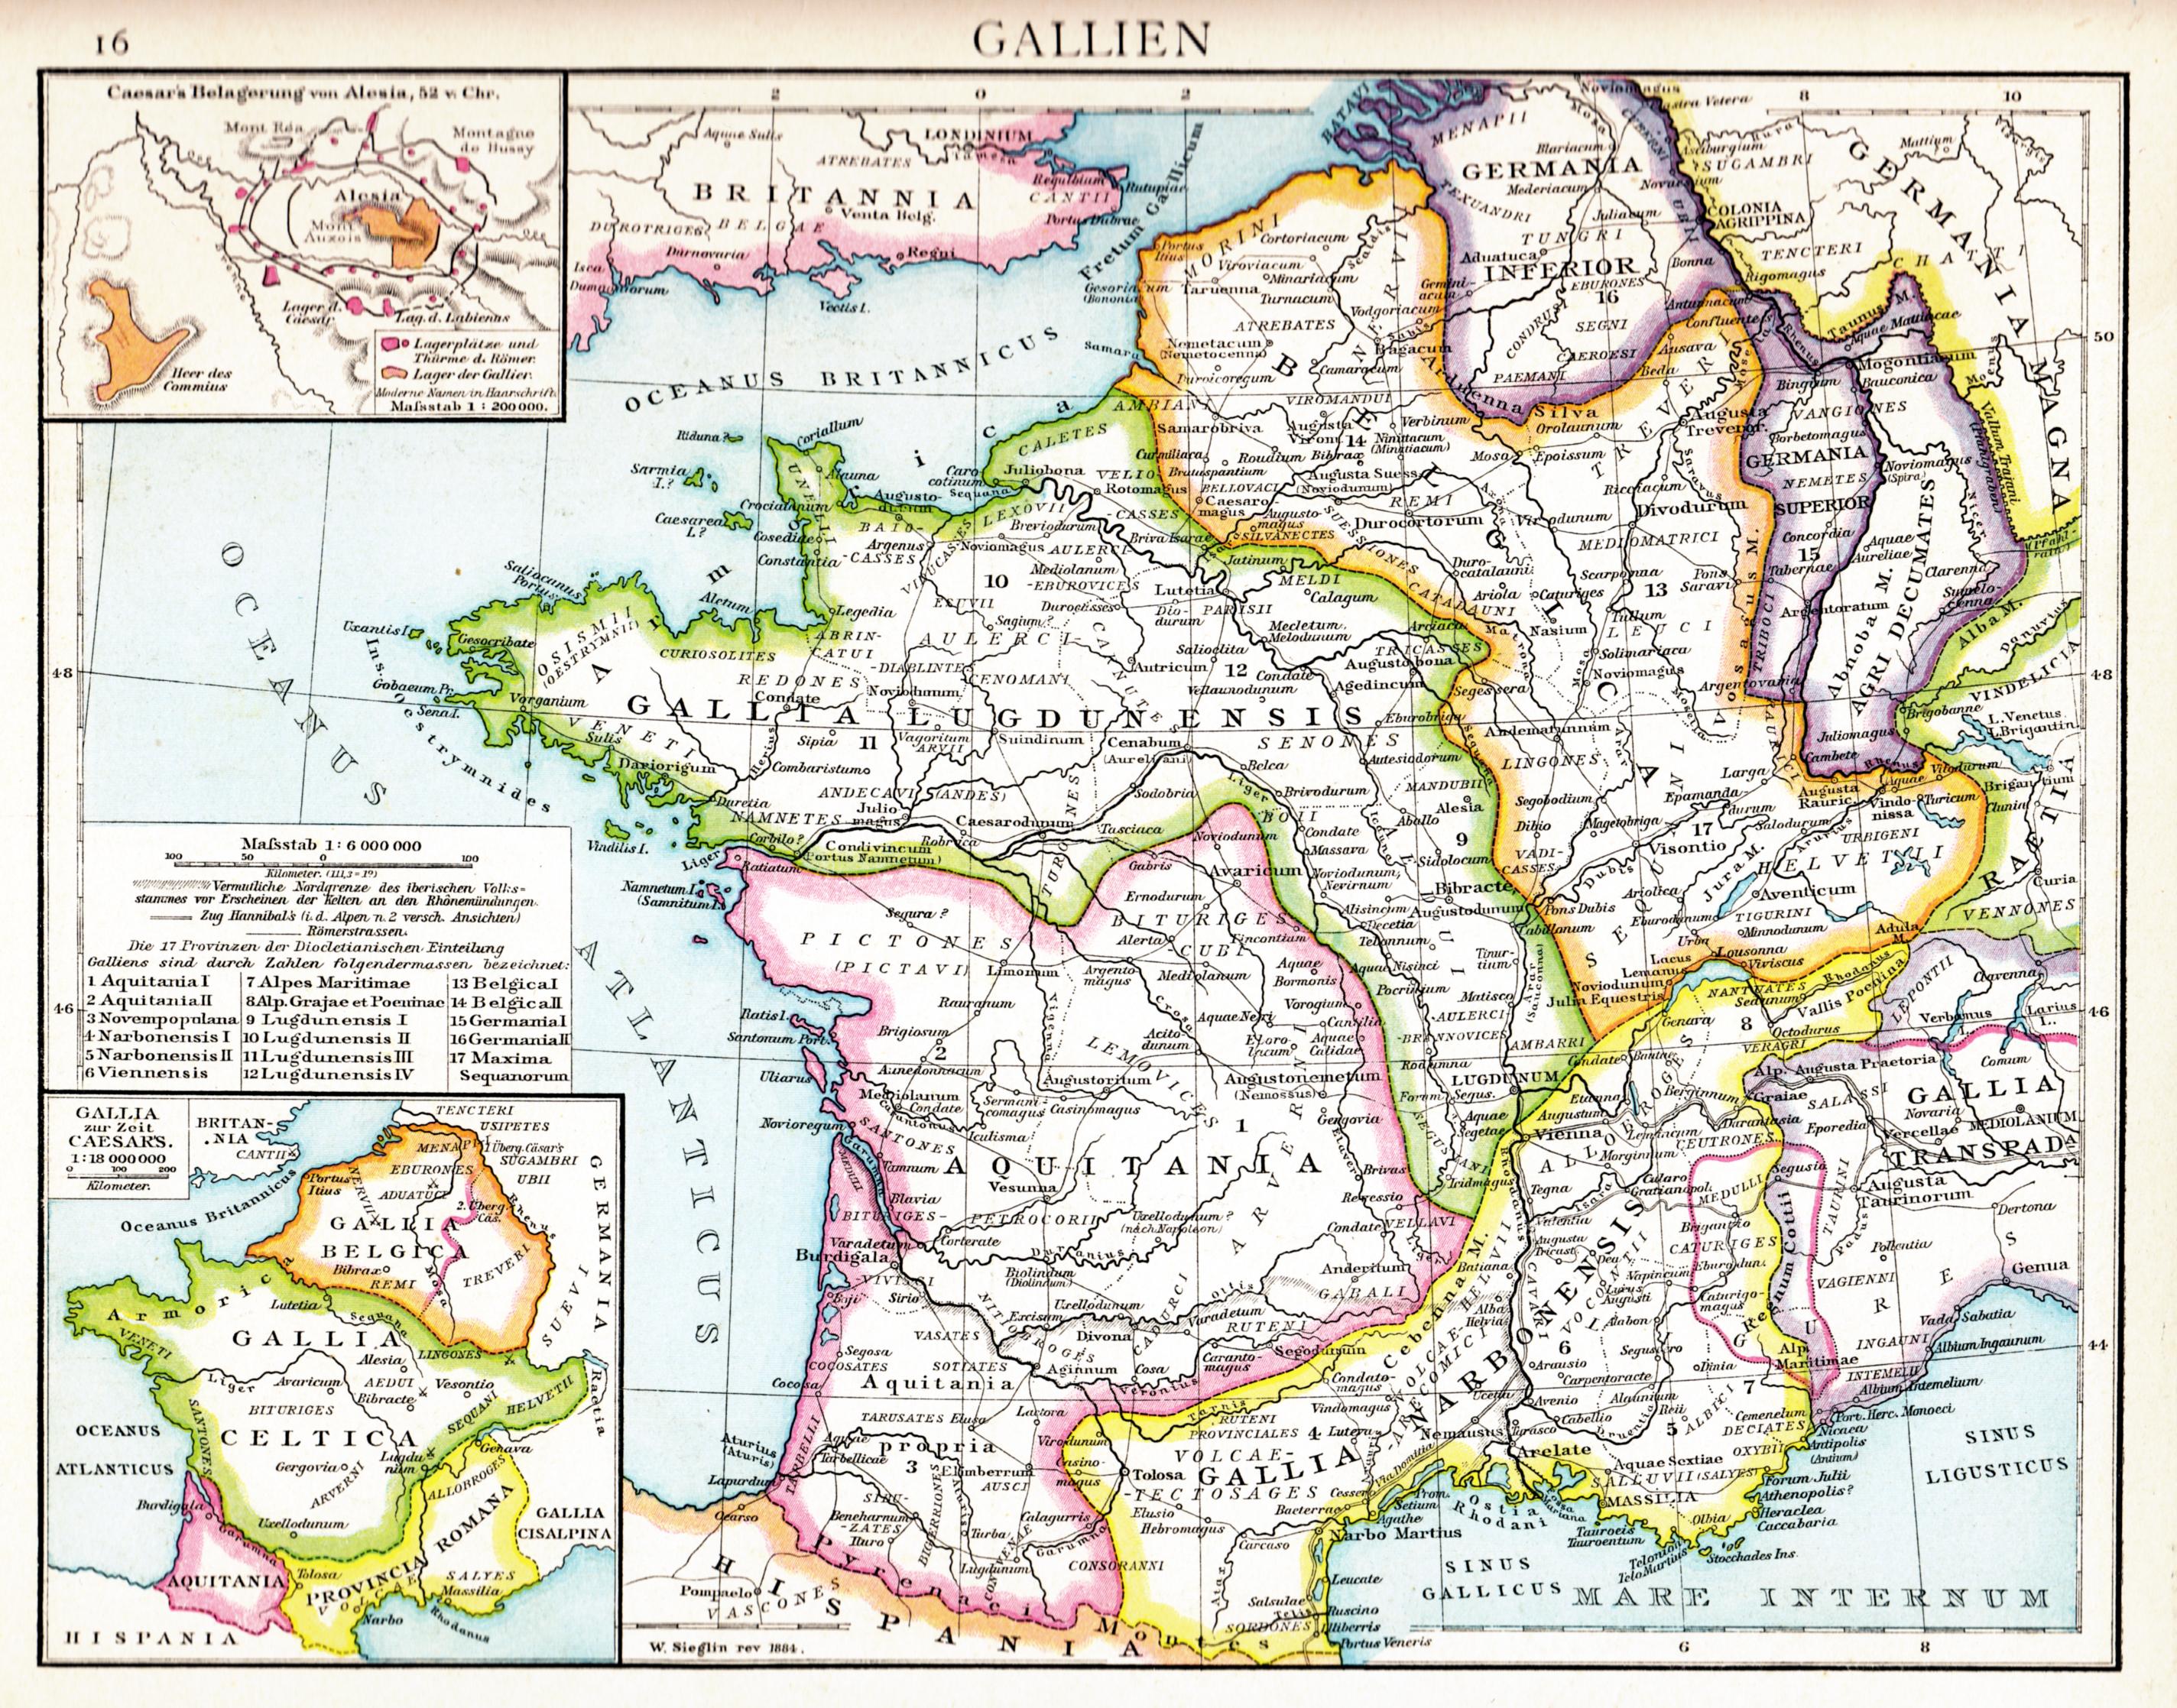 'Alte historische Karte Galliens unter Römischer Herrschaft', in: Gustav Droysen, Allgemeiner historischer Handatlas in 96 Karten mit erläuterndem Text, Velhagen & Klasing, 1886, S. 16